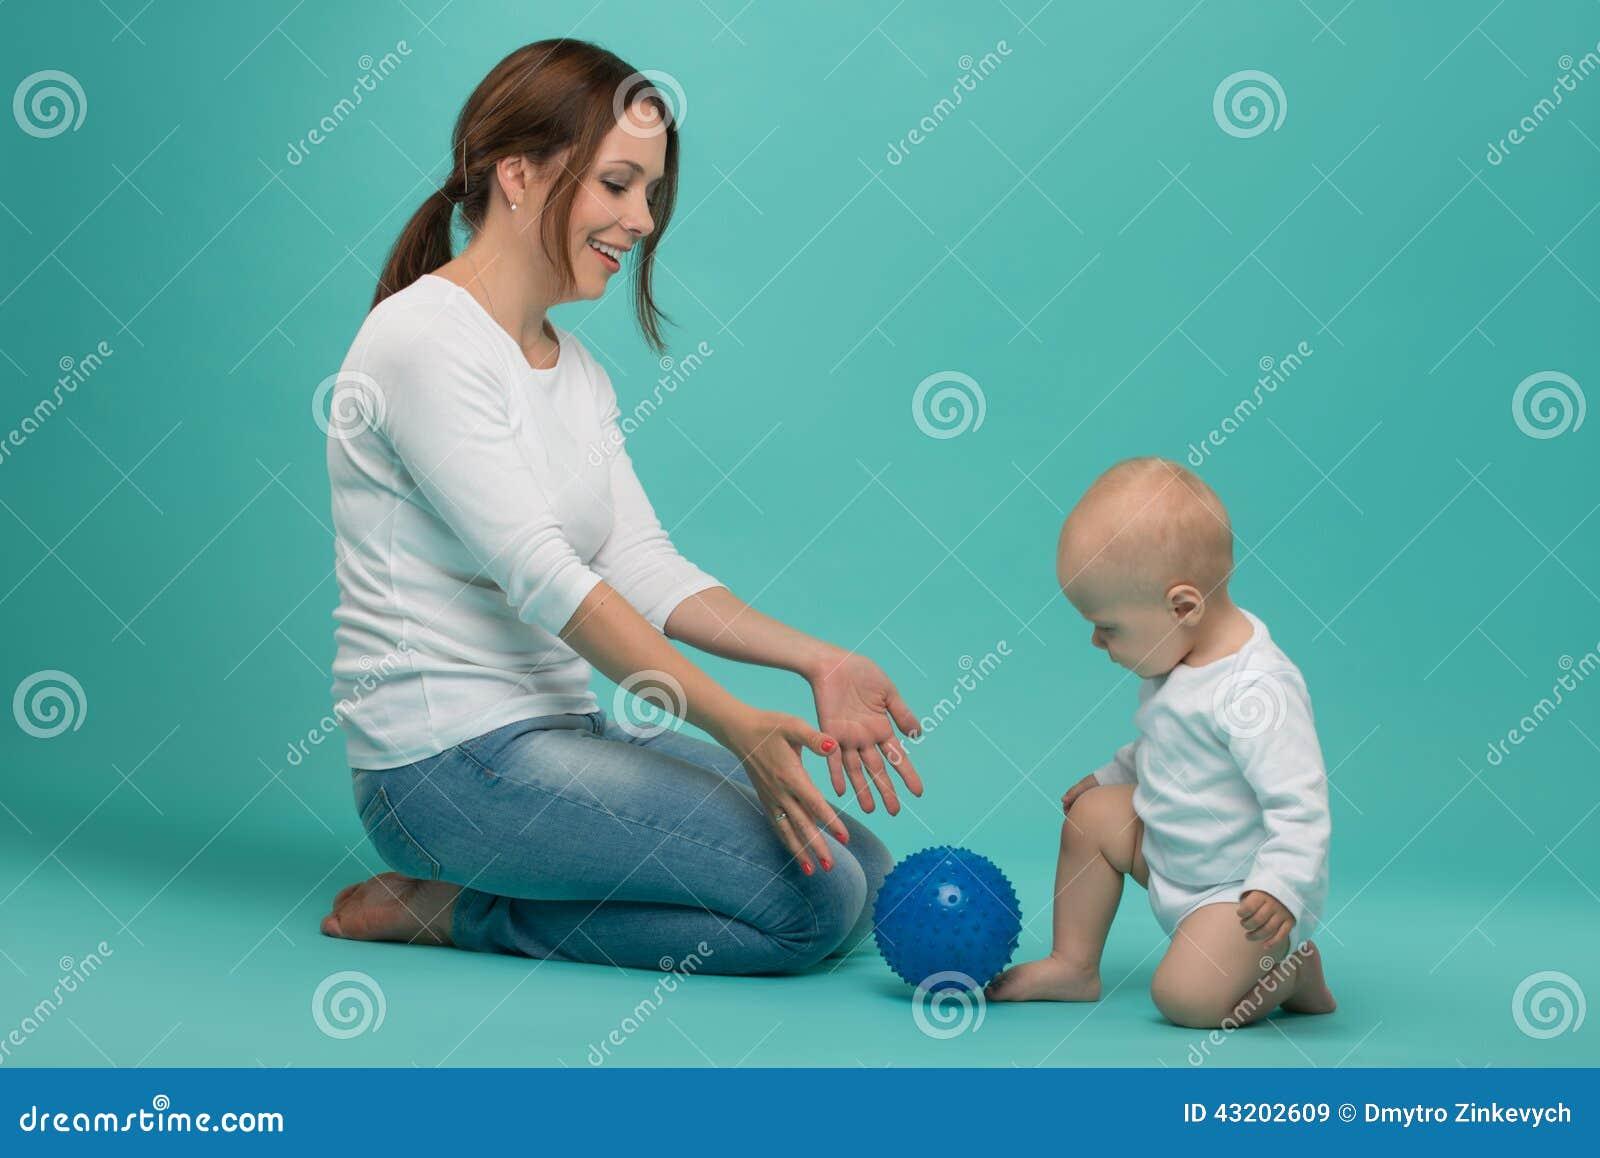 Download Ungt Caucasian Attraktivt Le Spela För Moder Fotografering för Bildbyråer - Bild av skämtsamt, inomhus: 43202609